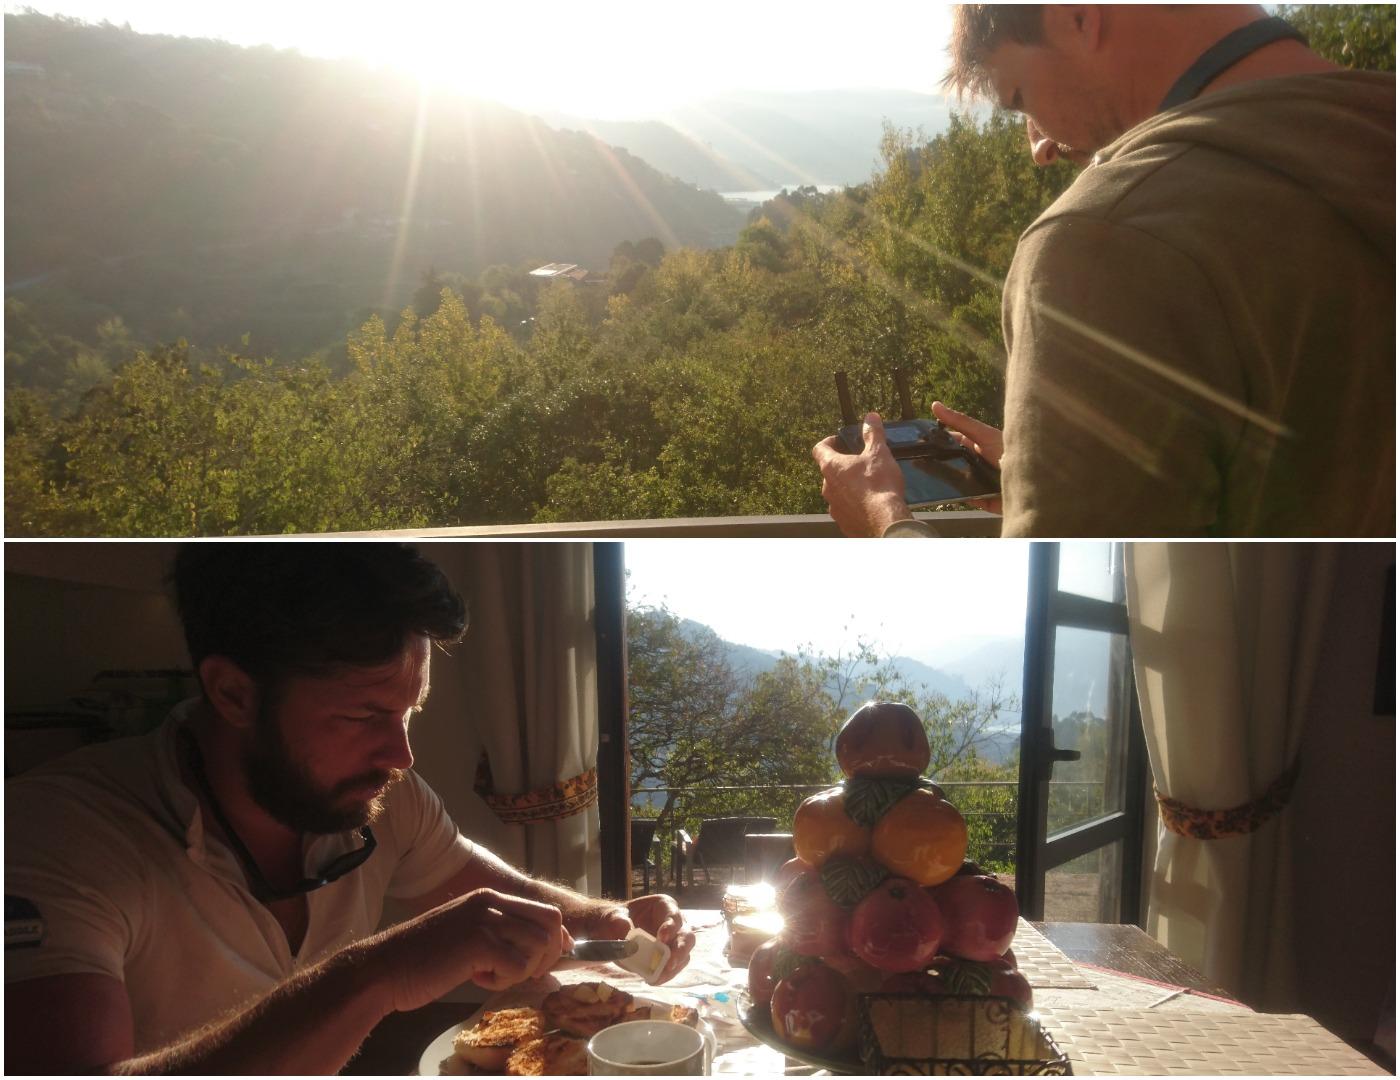 Gonçalo a guiar o seu drone, da varanda da Casa do Sobreiro. No andar de baixo, Samuel a tomar a dose matinal de calorias ao pequeno-almoço, antes de iniciarem mais uma jornada.